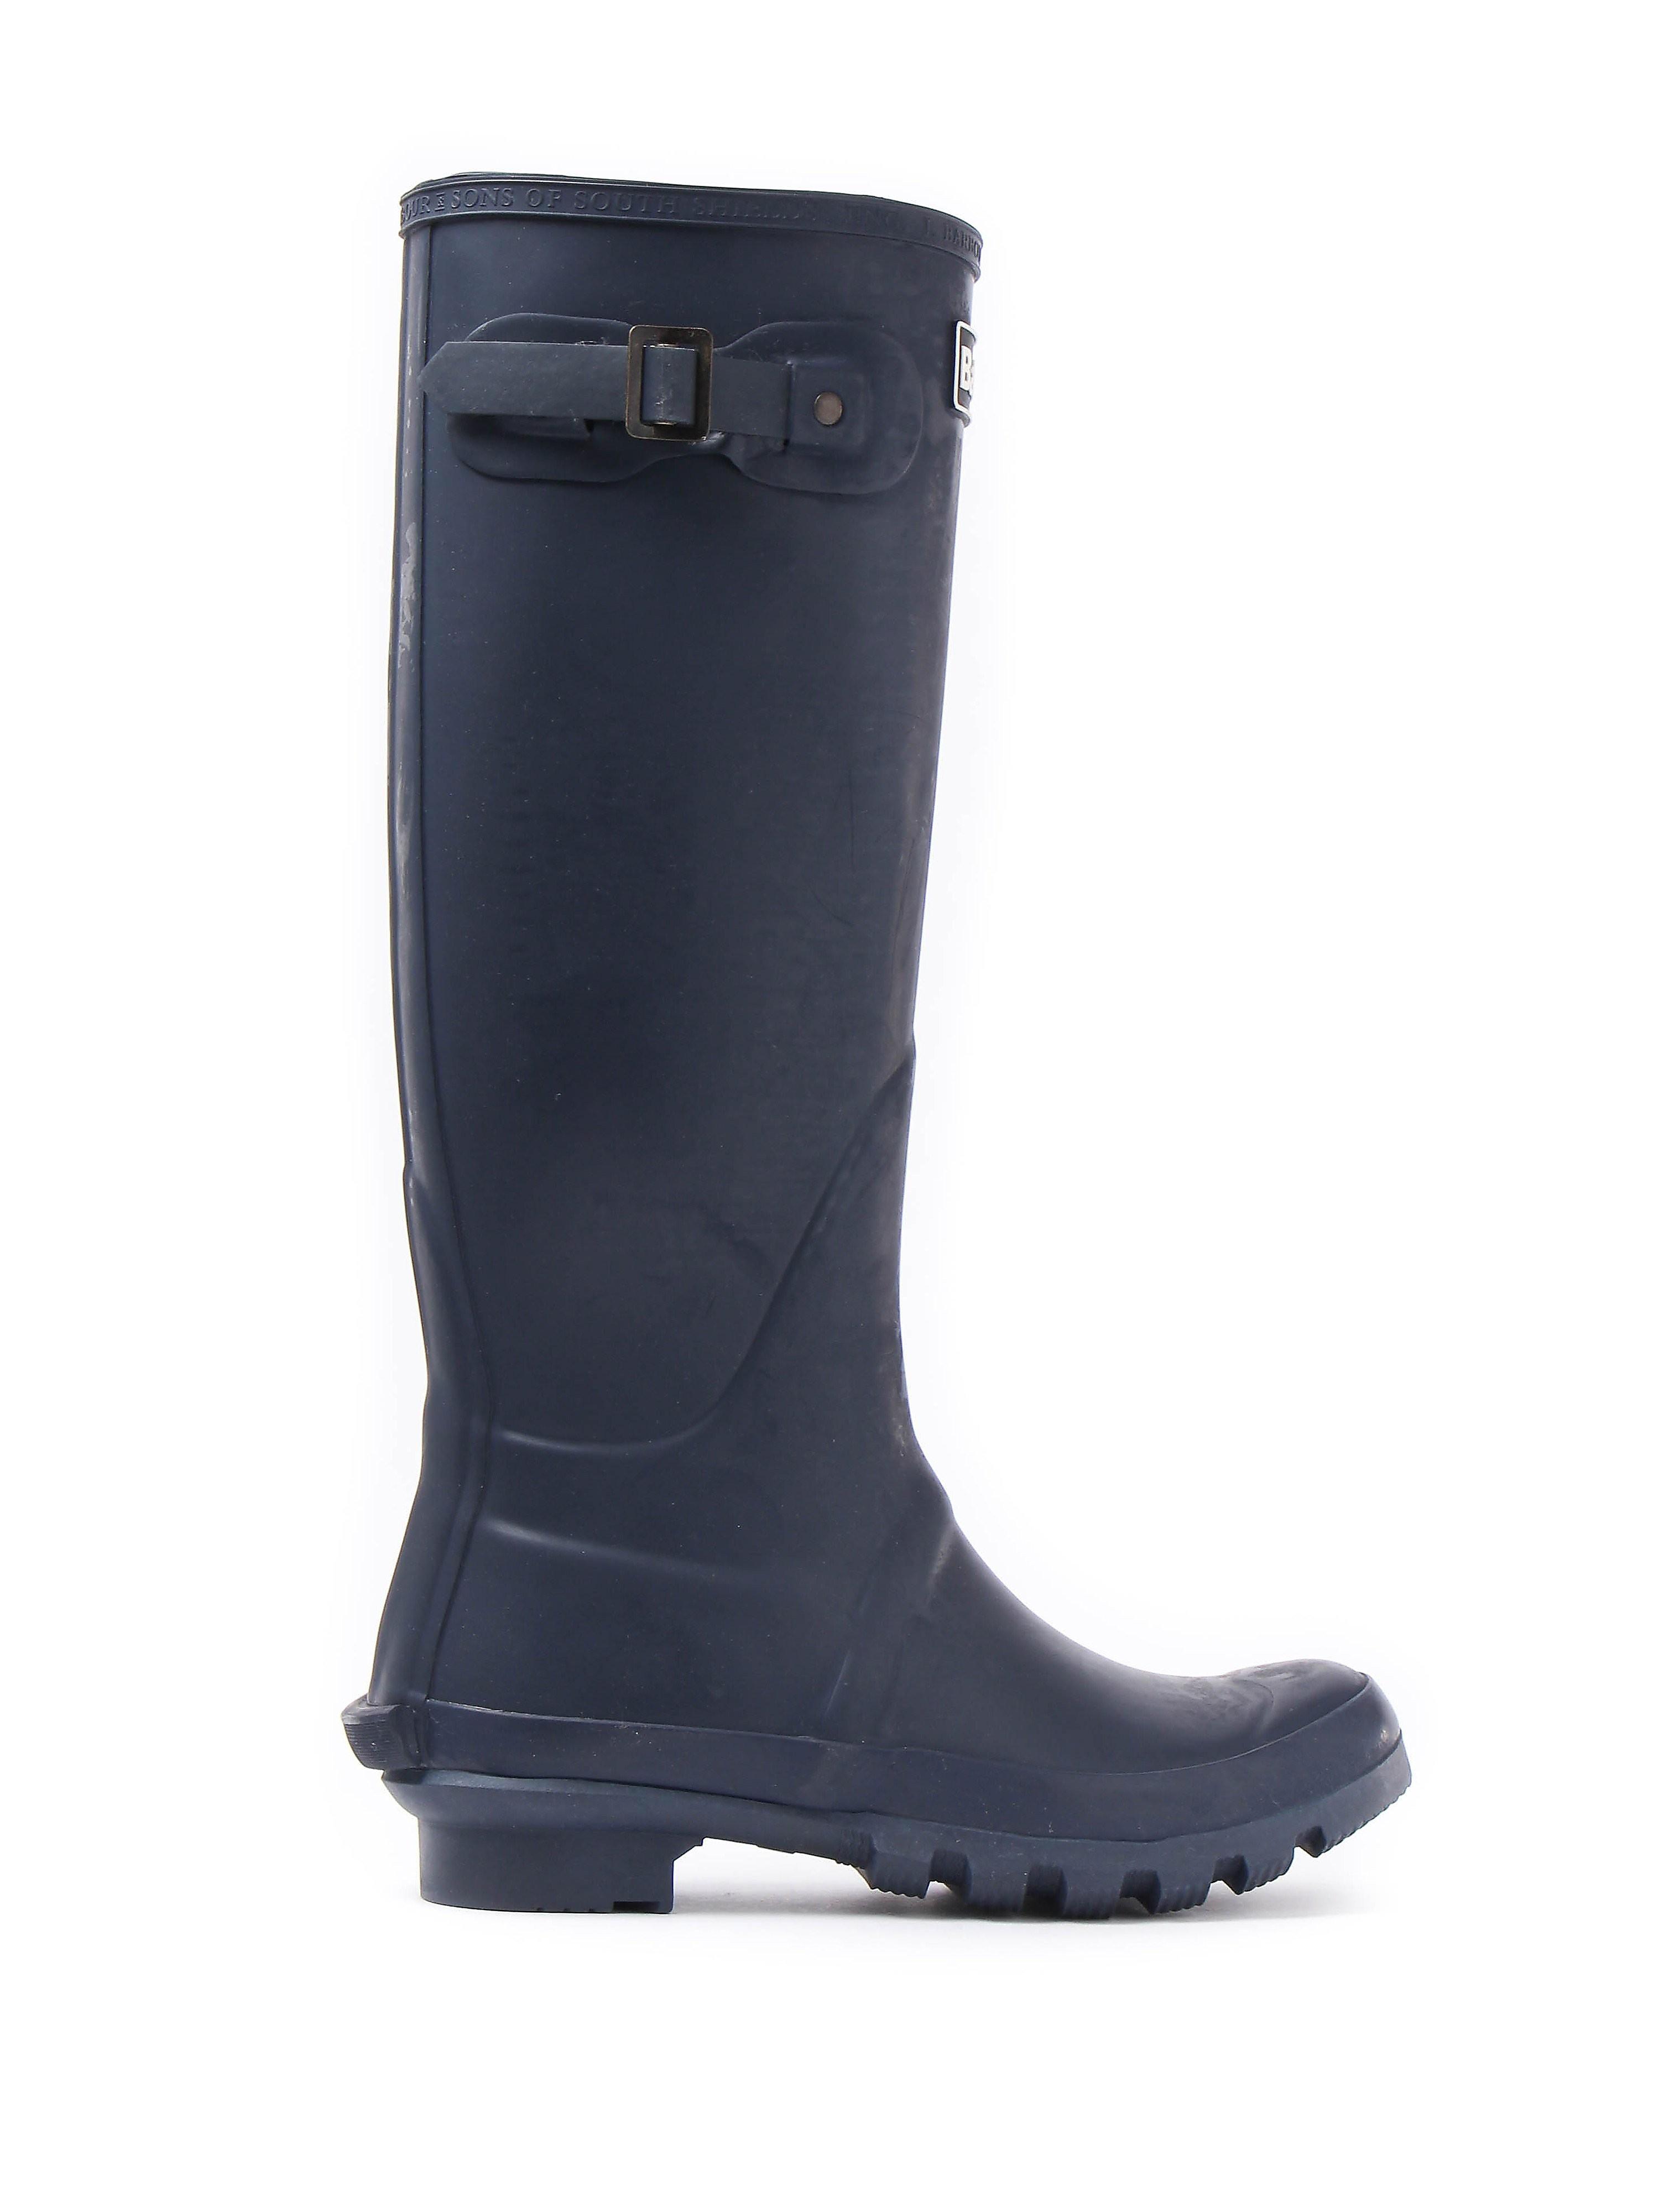 Barbour Women's Bede Wellington Boots - Navy